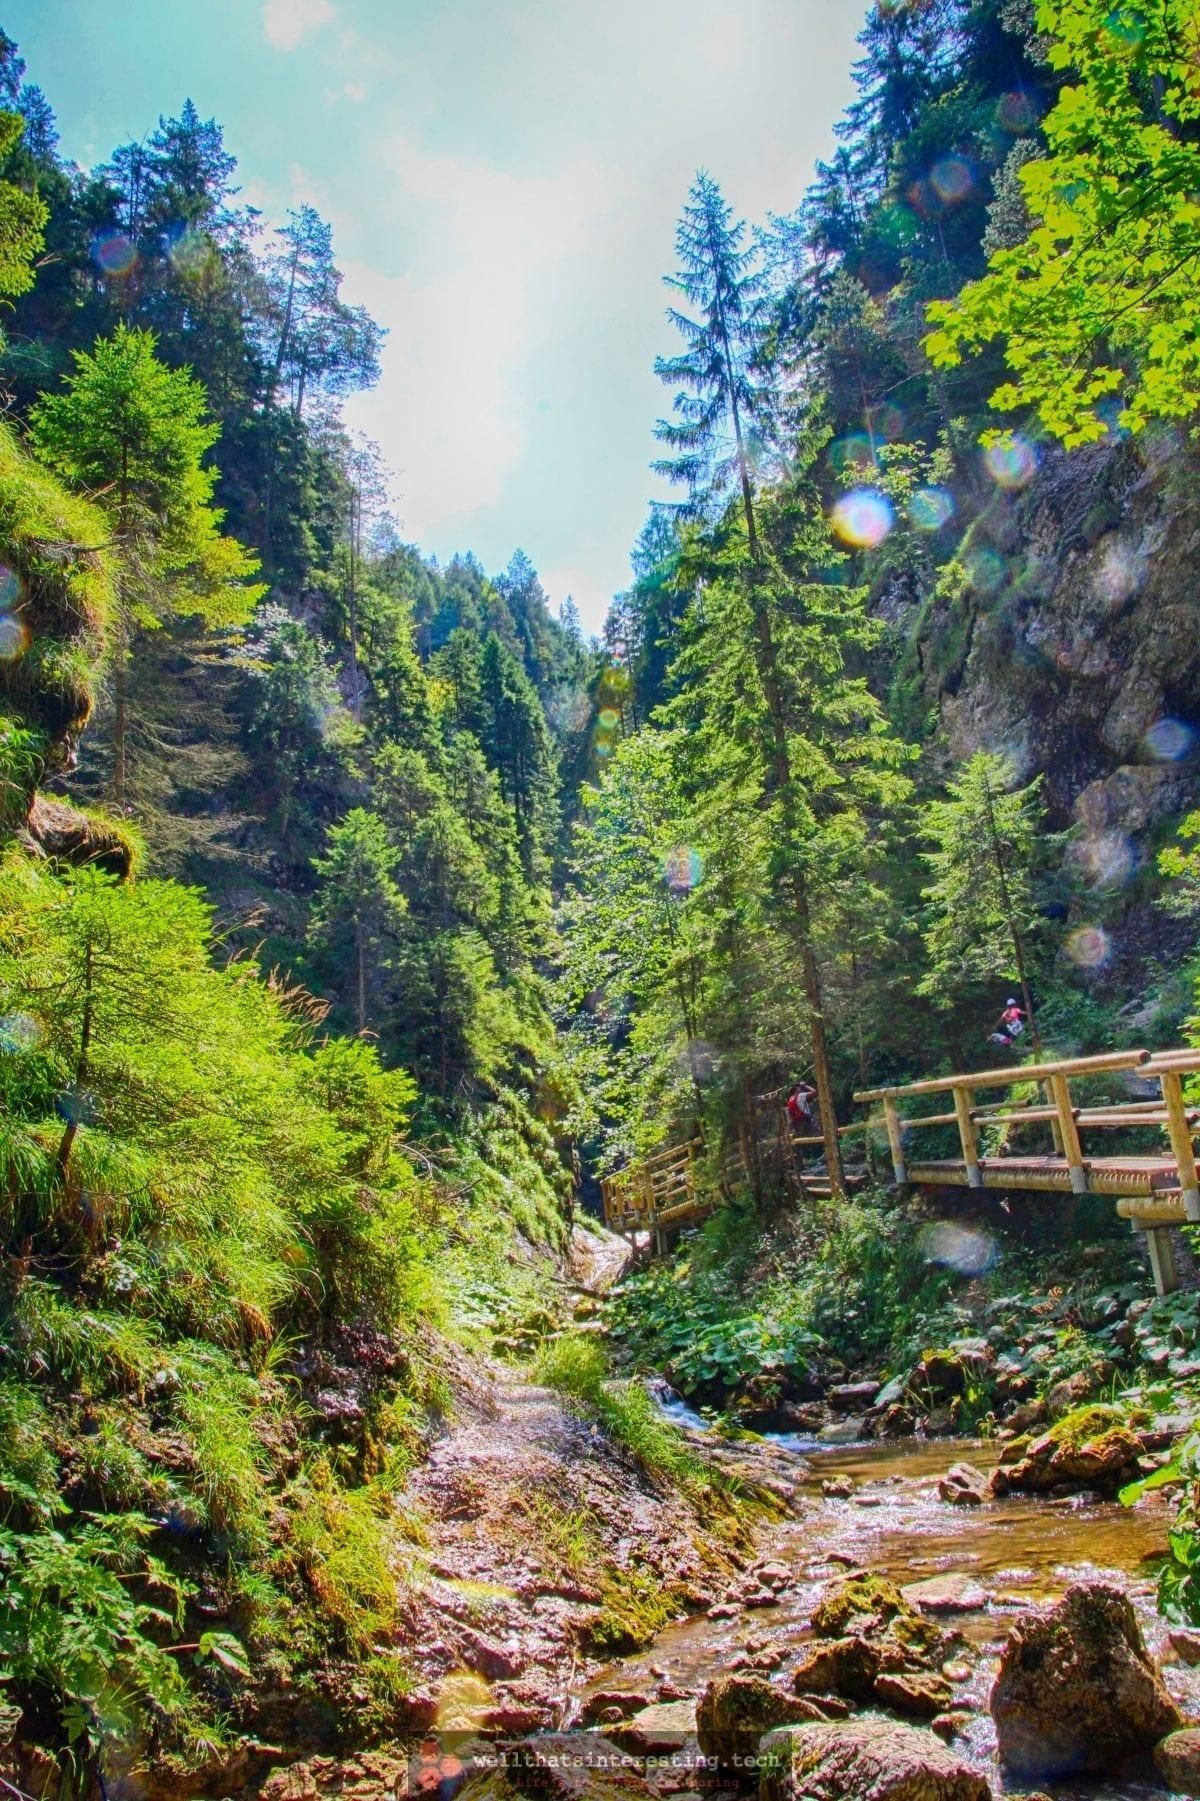 Valley trees and bridge at Jánošíkove Diery, Slovakia